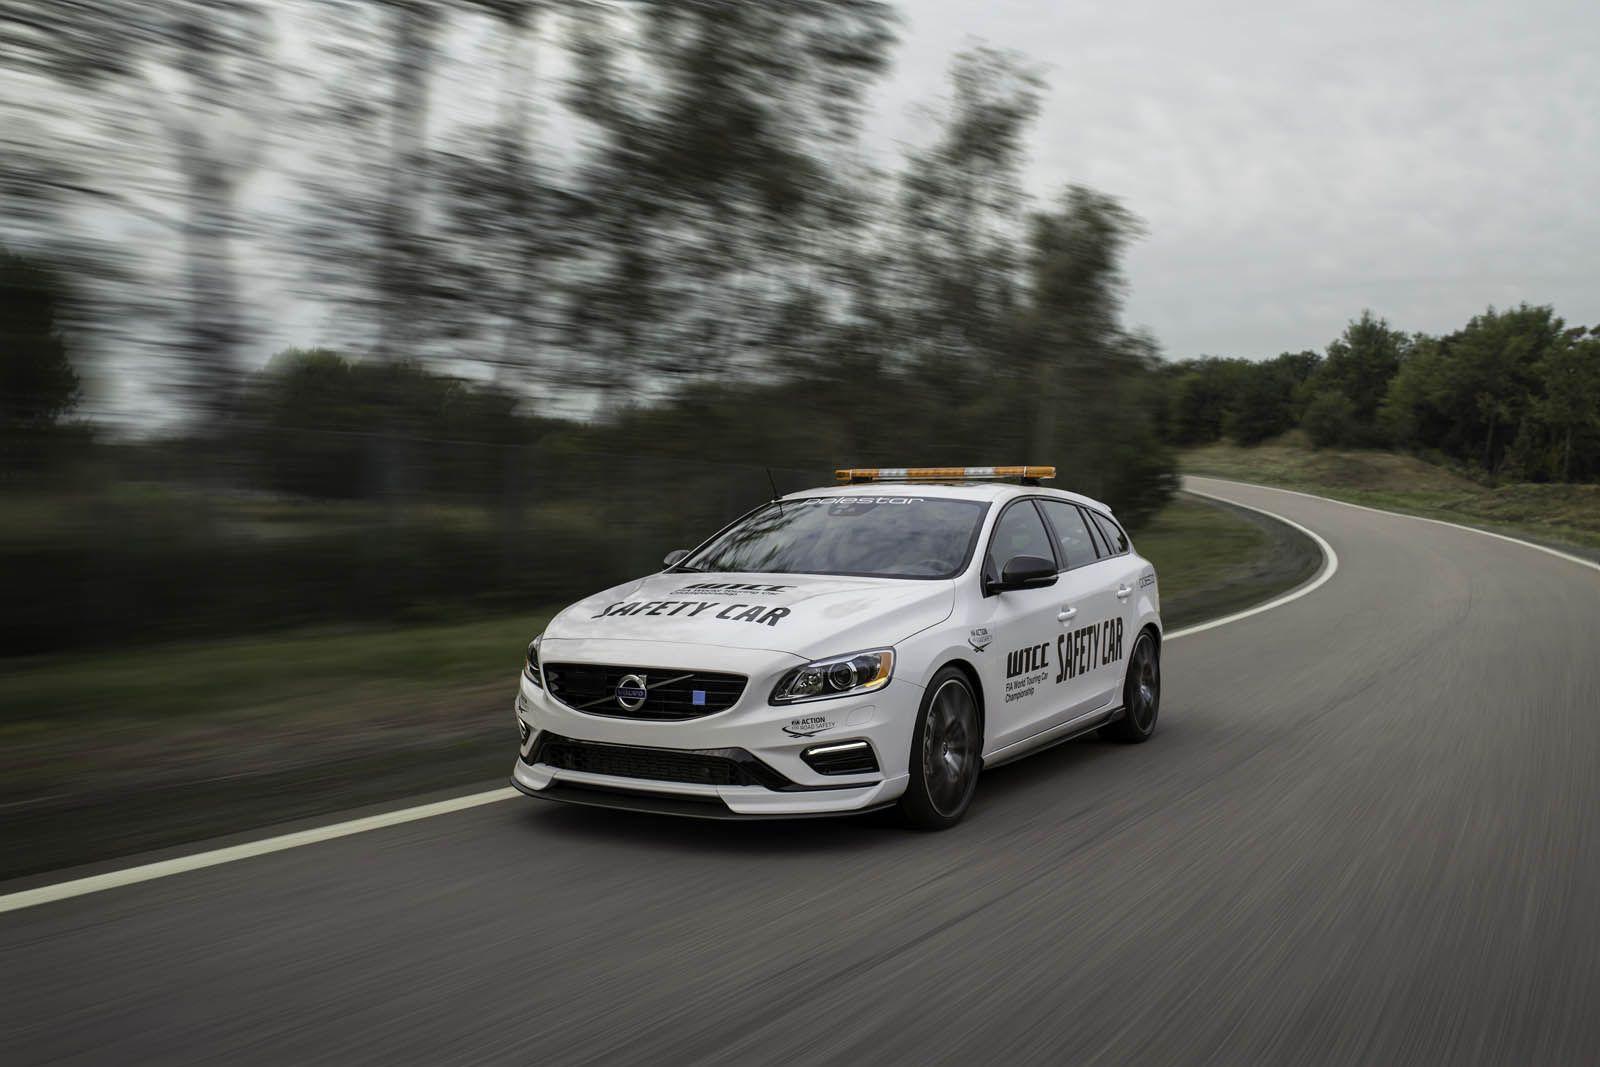 Volvo Upgrades The V60 Polestar WTCC Safety Car | Volvo